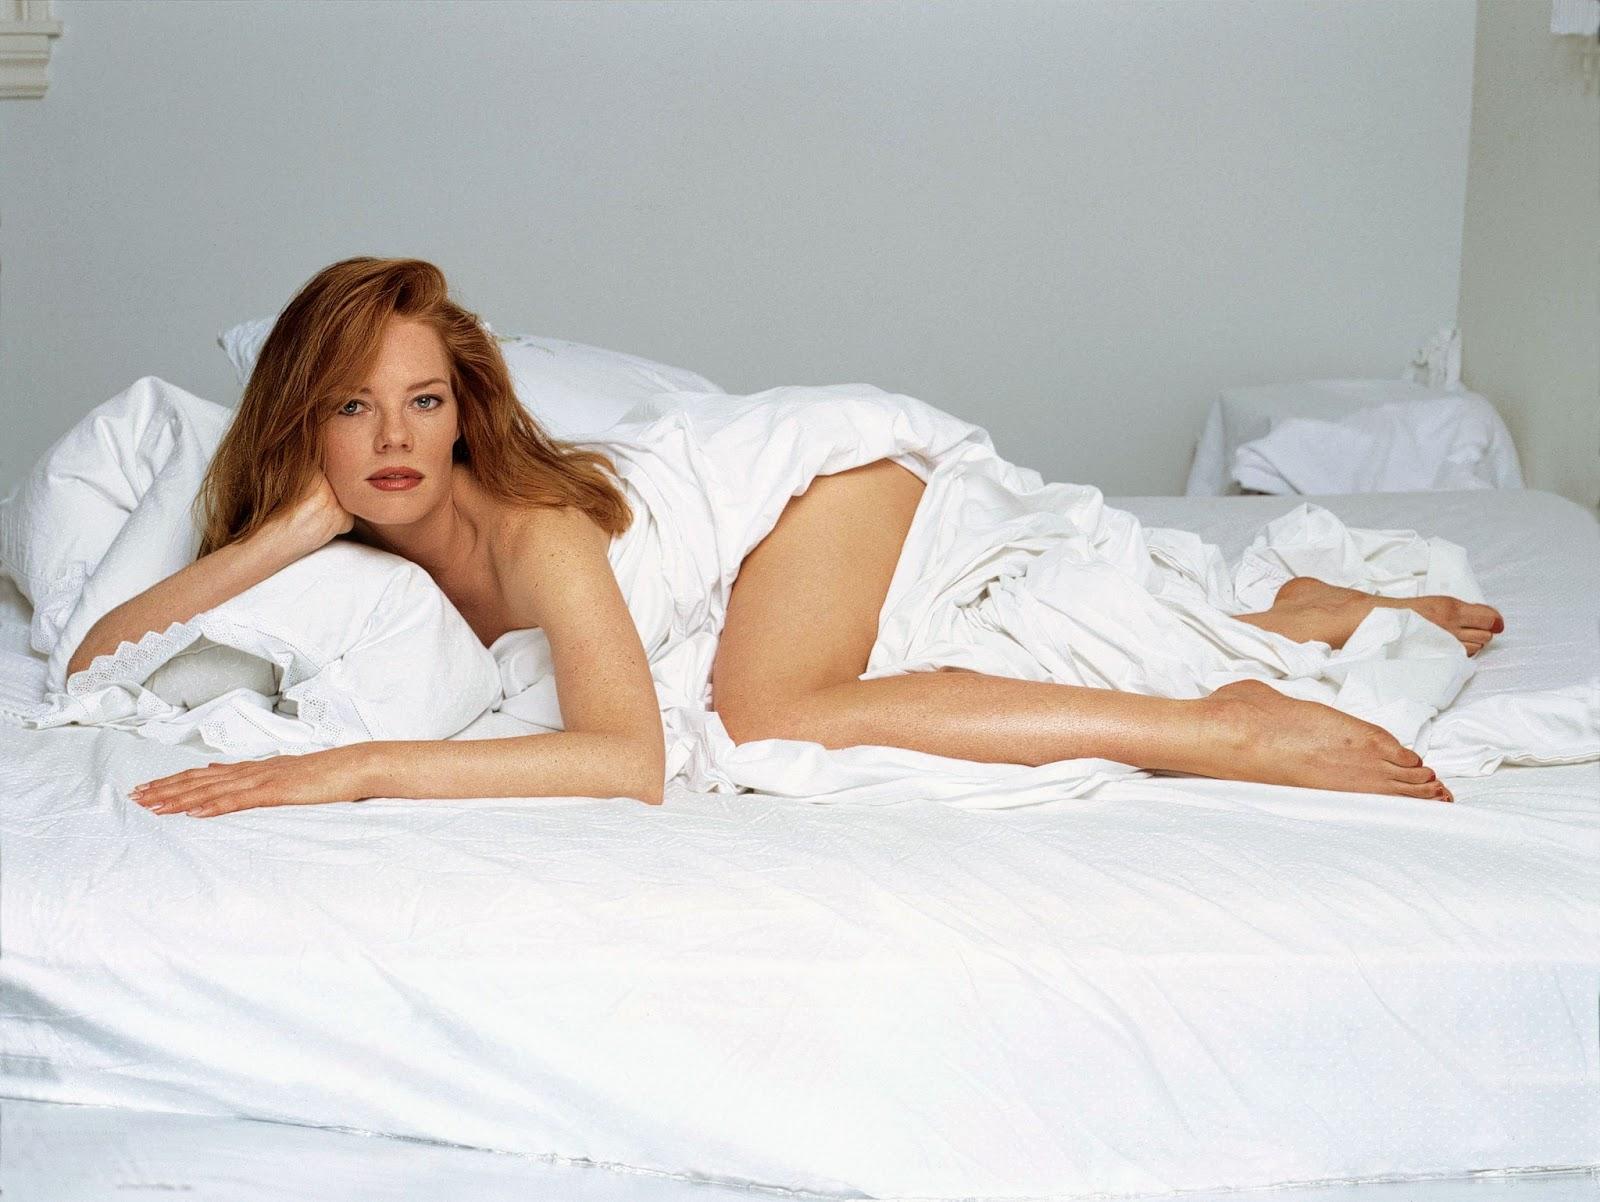 Jessica Durden Nude